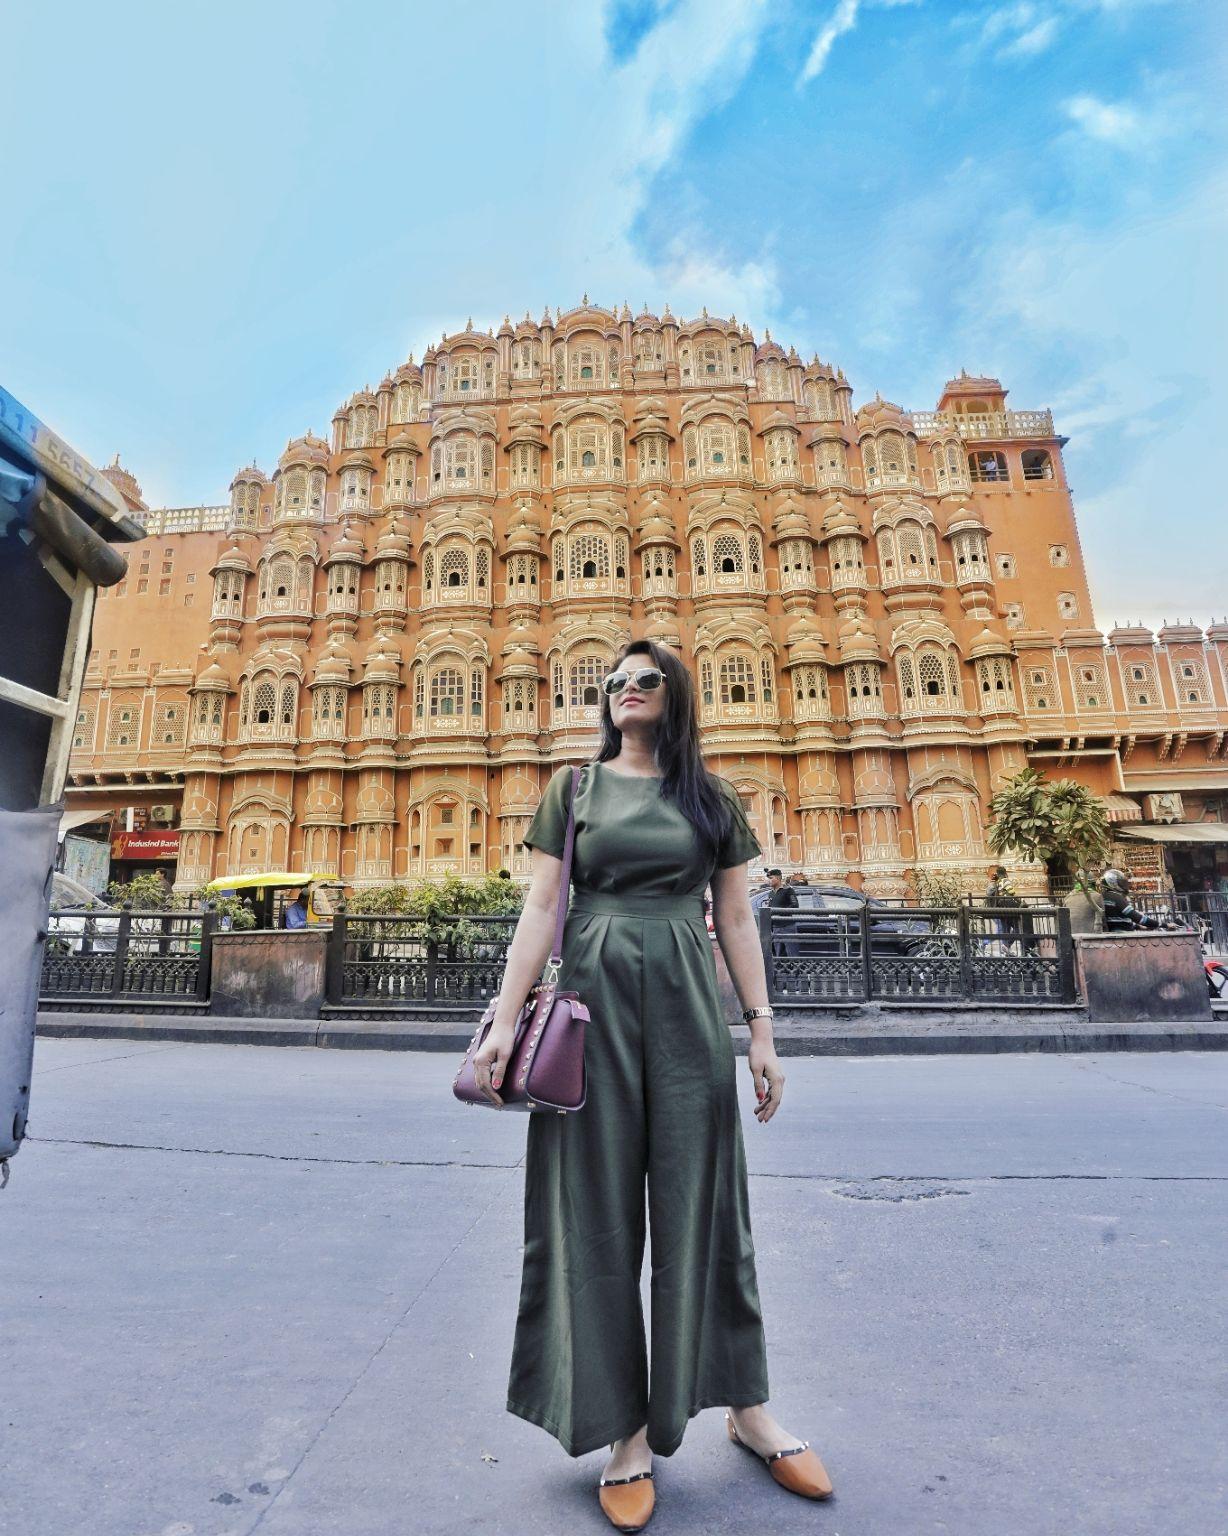 Photo of Jaipur By Archana M Patel